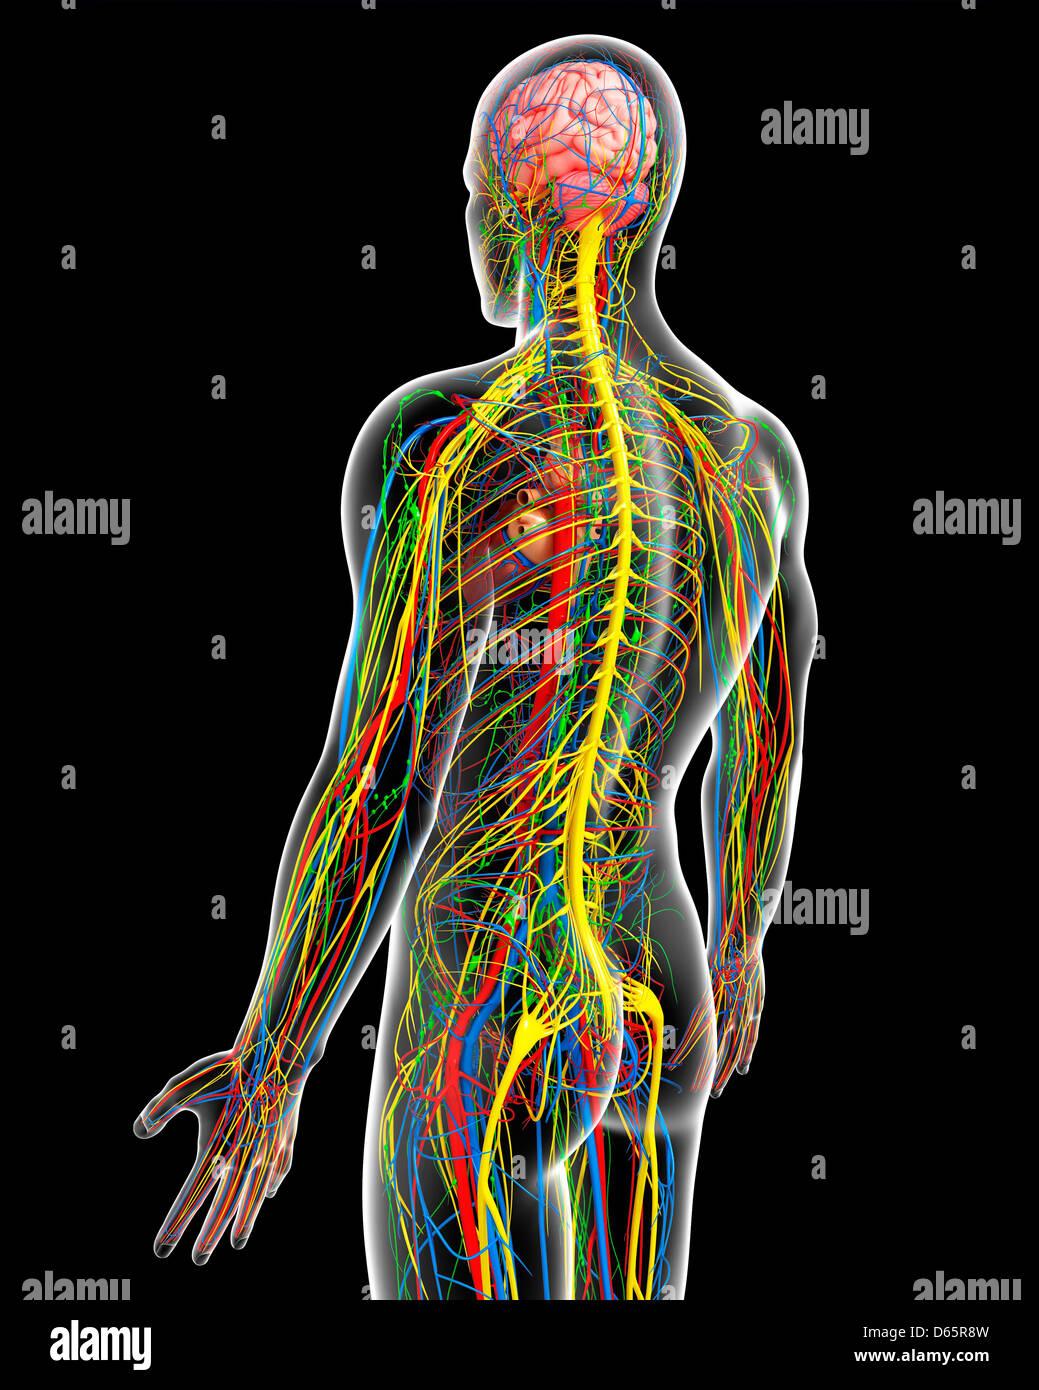 Ausgezeichnet Regel Neunen Für Anatomie Körperregionen Galerie ...